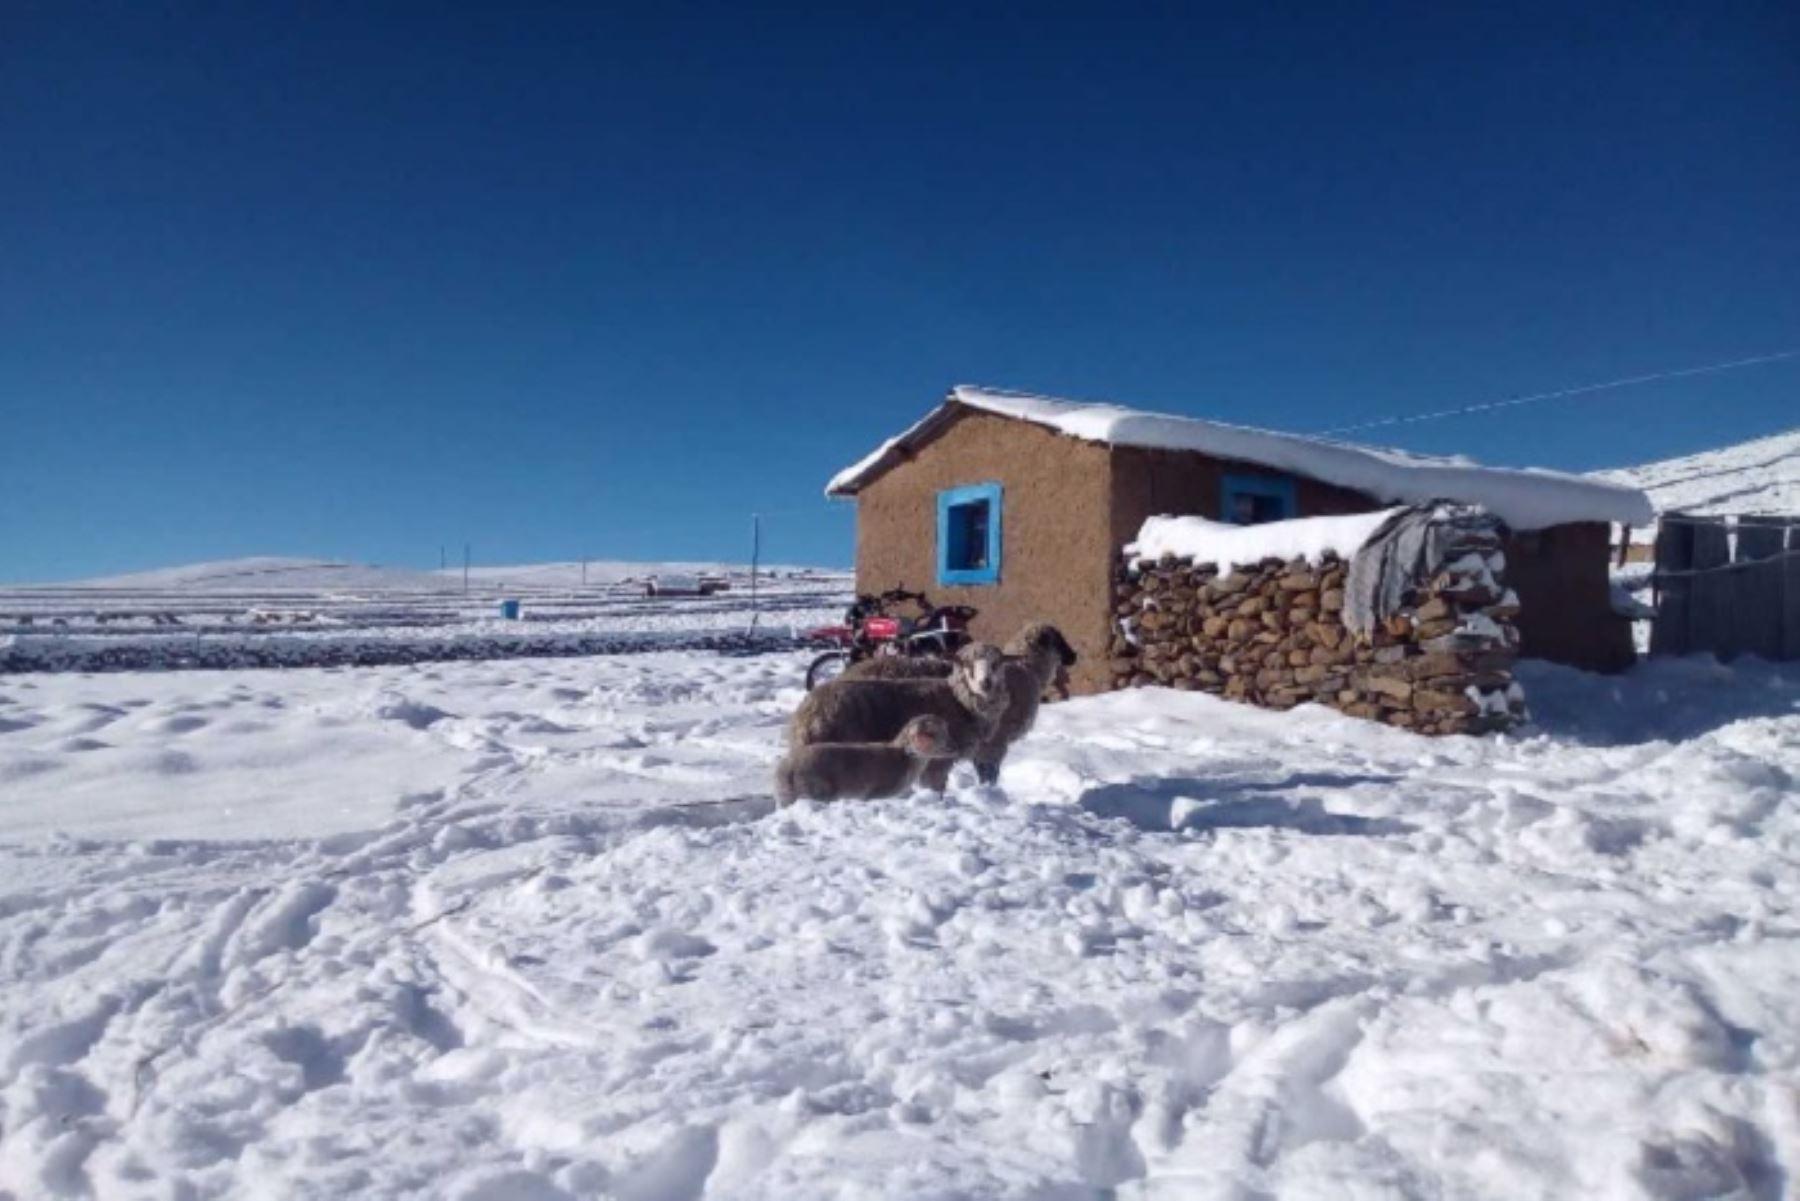 Desde la noche del viernes hasta la madrugada de hoy se registraron intensas nevadas en el distrito de Huacullani, provincia puneña de Chucuito, que superaron los 25 centímetros de altura. Los habitantes se ven afectados por la temperatura gélida y la mortandad de crías de alpacas y ovinos.